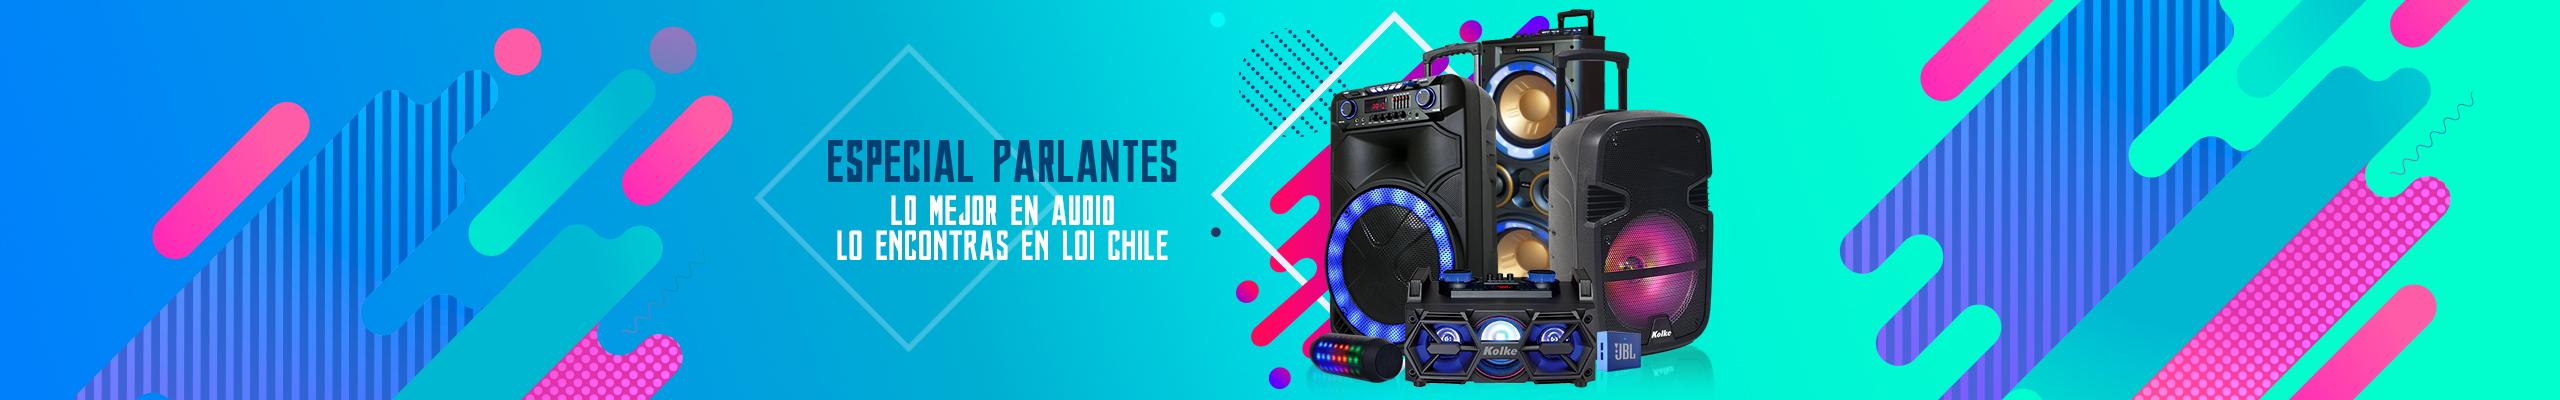 Especial Parlantes 2018 al mejor precio sólo en LOi Chile